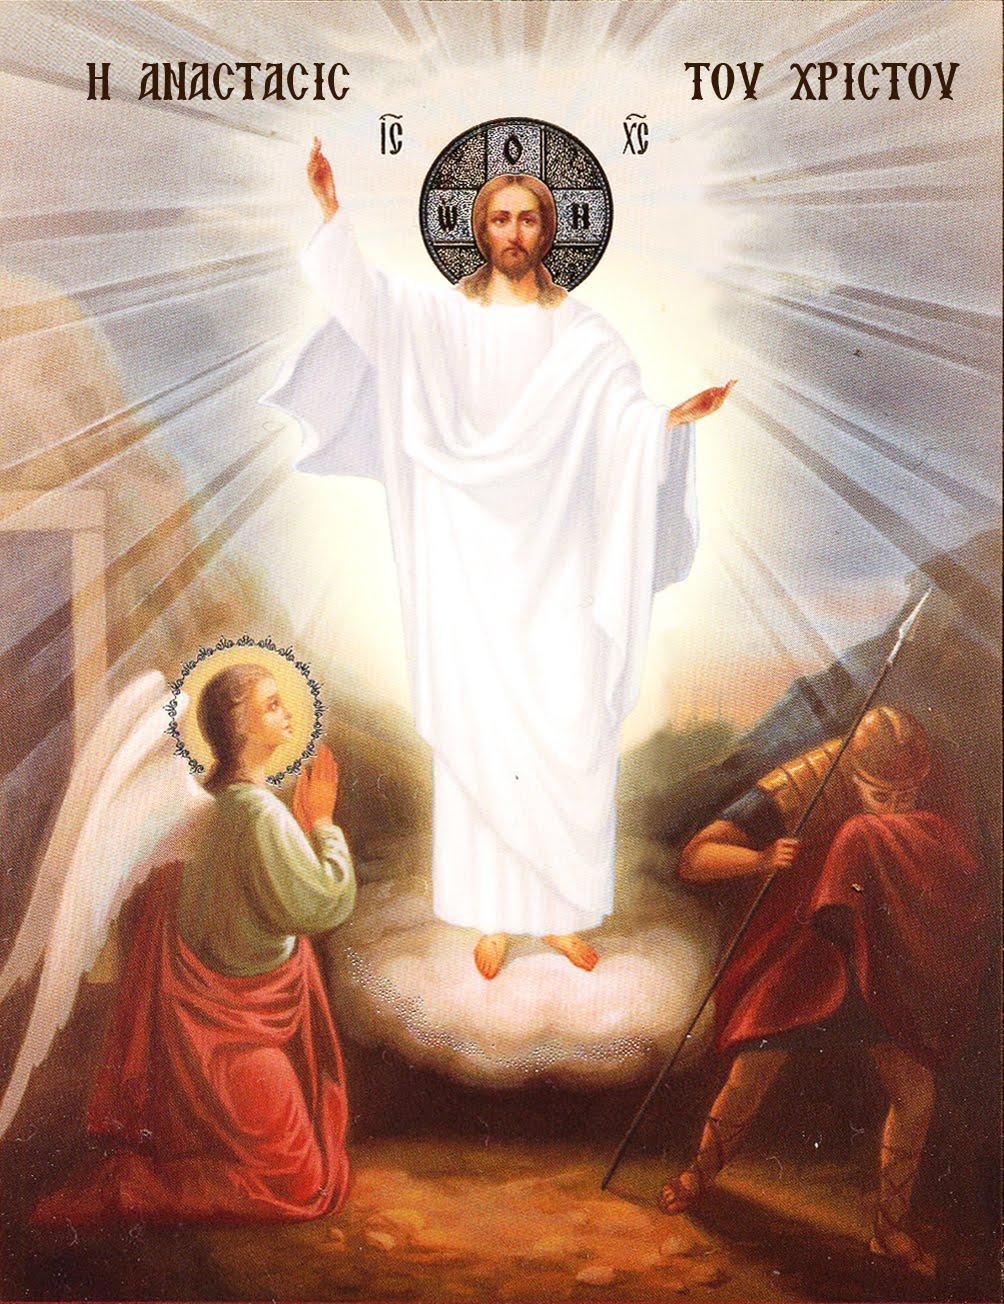 Η ΑΝΑΣΤΑΣΙΣ ΤΟΥ ΚΥΡΙΟΥ ΙΗΣΟΥ ΧΡΙΣΤΟΥ